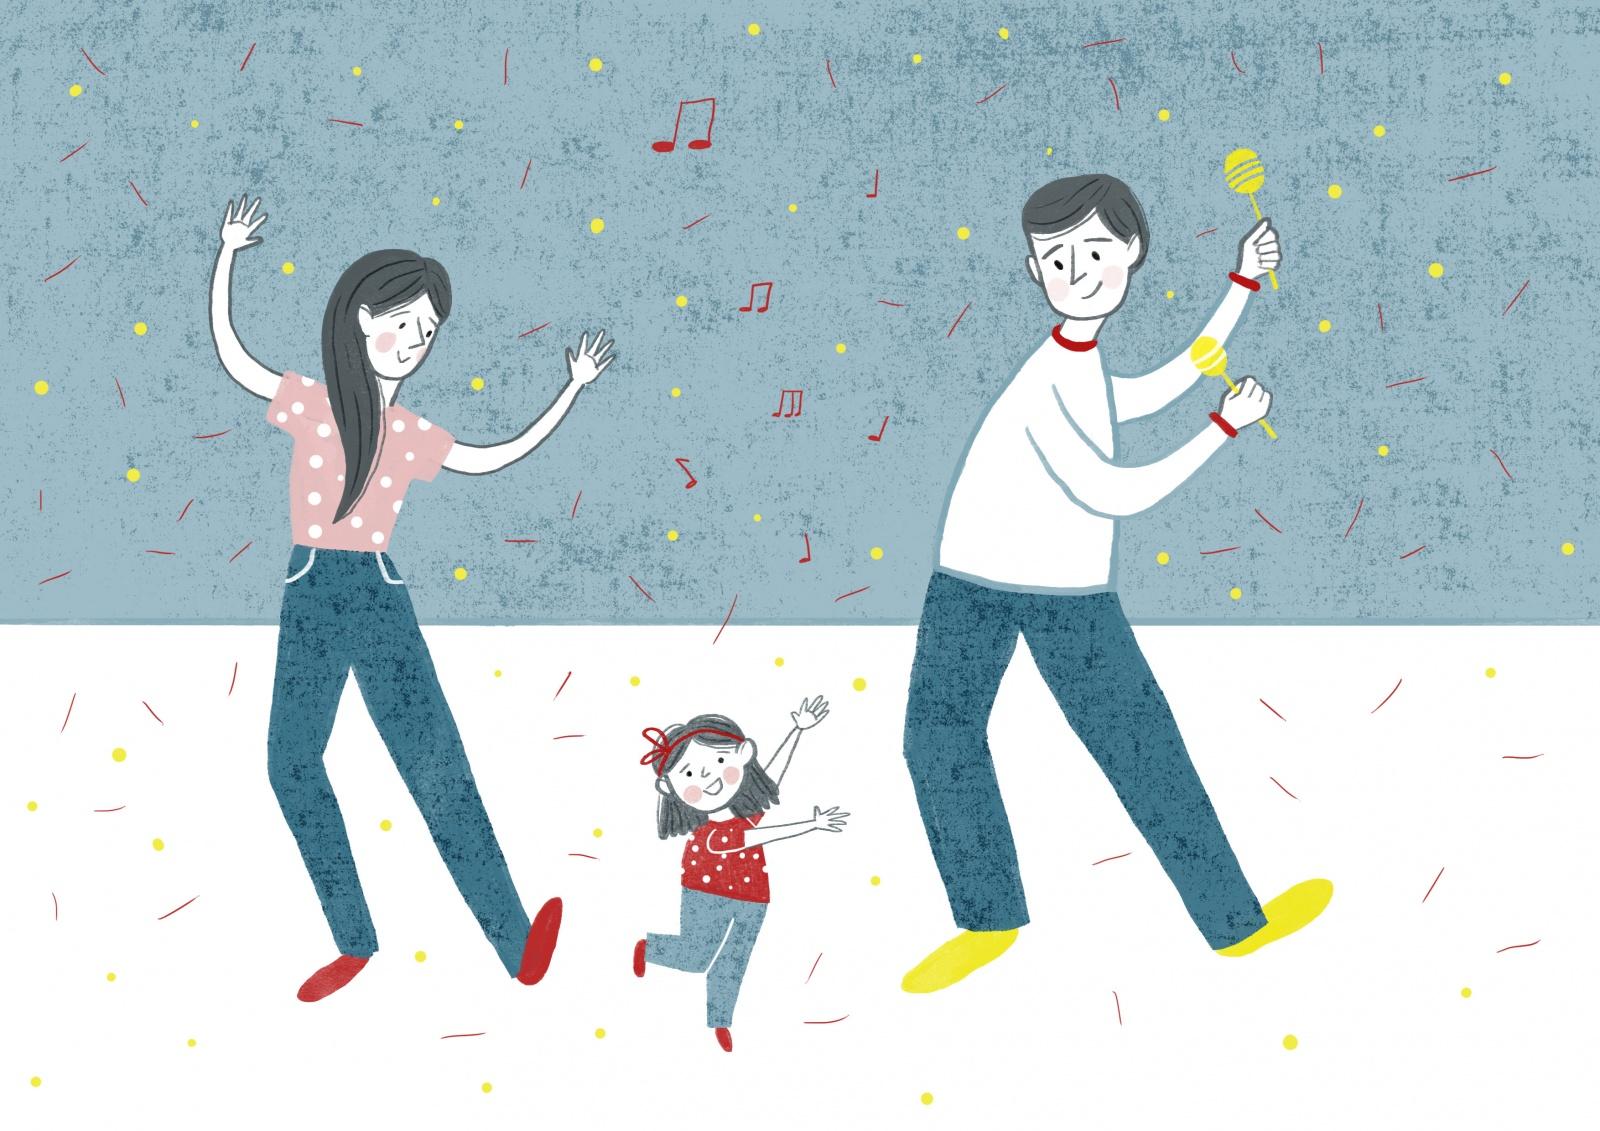 Ребенок, интернет и родители. Как избежать ловушек, получить пользу и остаться друзьями? - 8